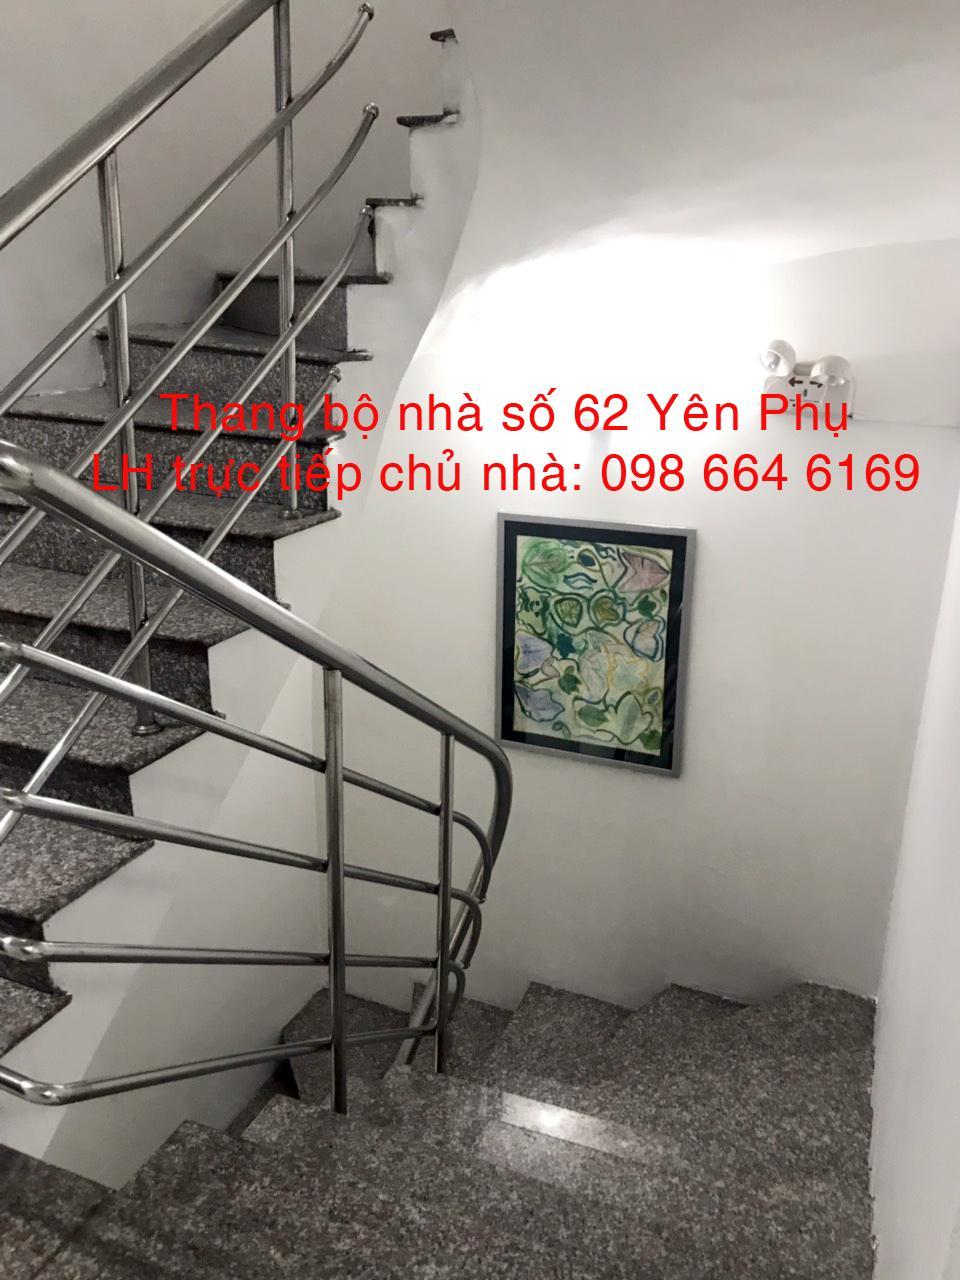 8 70 và 91m2  VP giá rẻ, DV tốt tại đường đôi Yên Phụ. LH  trực tiếp chủ nhà: 0986 646 169